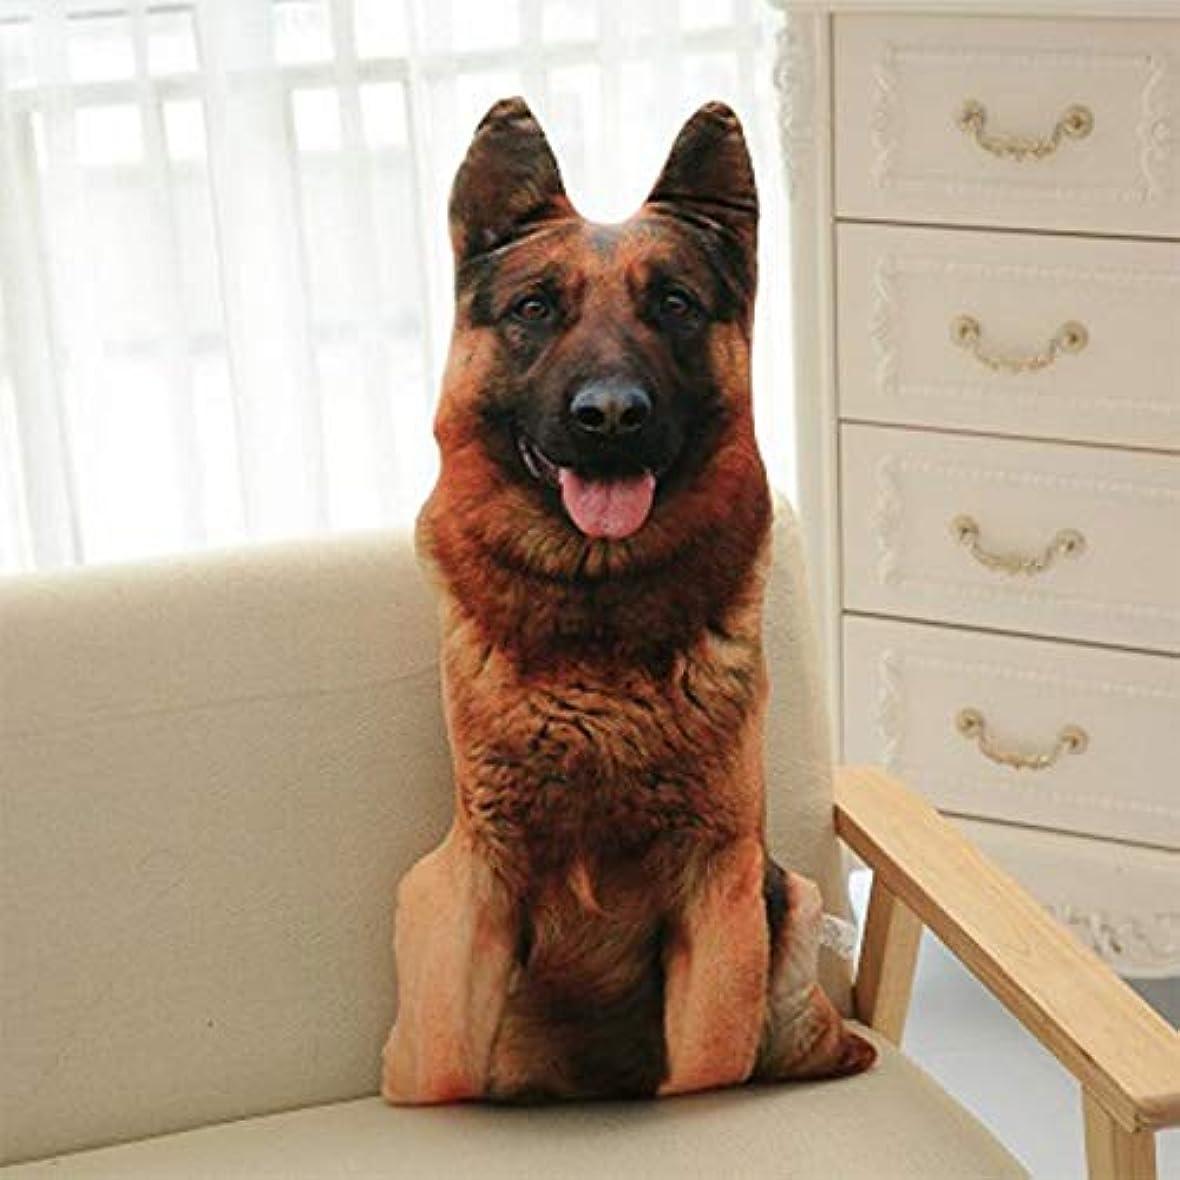 大人これまで信じるLIFE 3D プリントシミュレーション犬ぬいぐるみクッションぬいぐるみ犬ぬいぐるみ枕ぬいぐるみの漫画クッションキッズ人形ベストギフト クッション 椅子